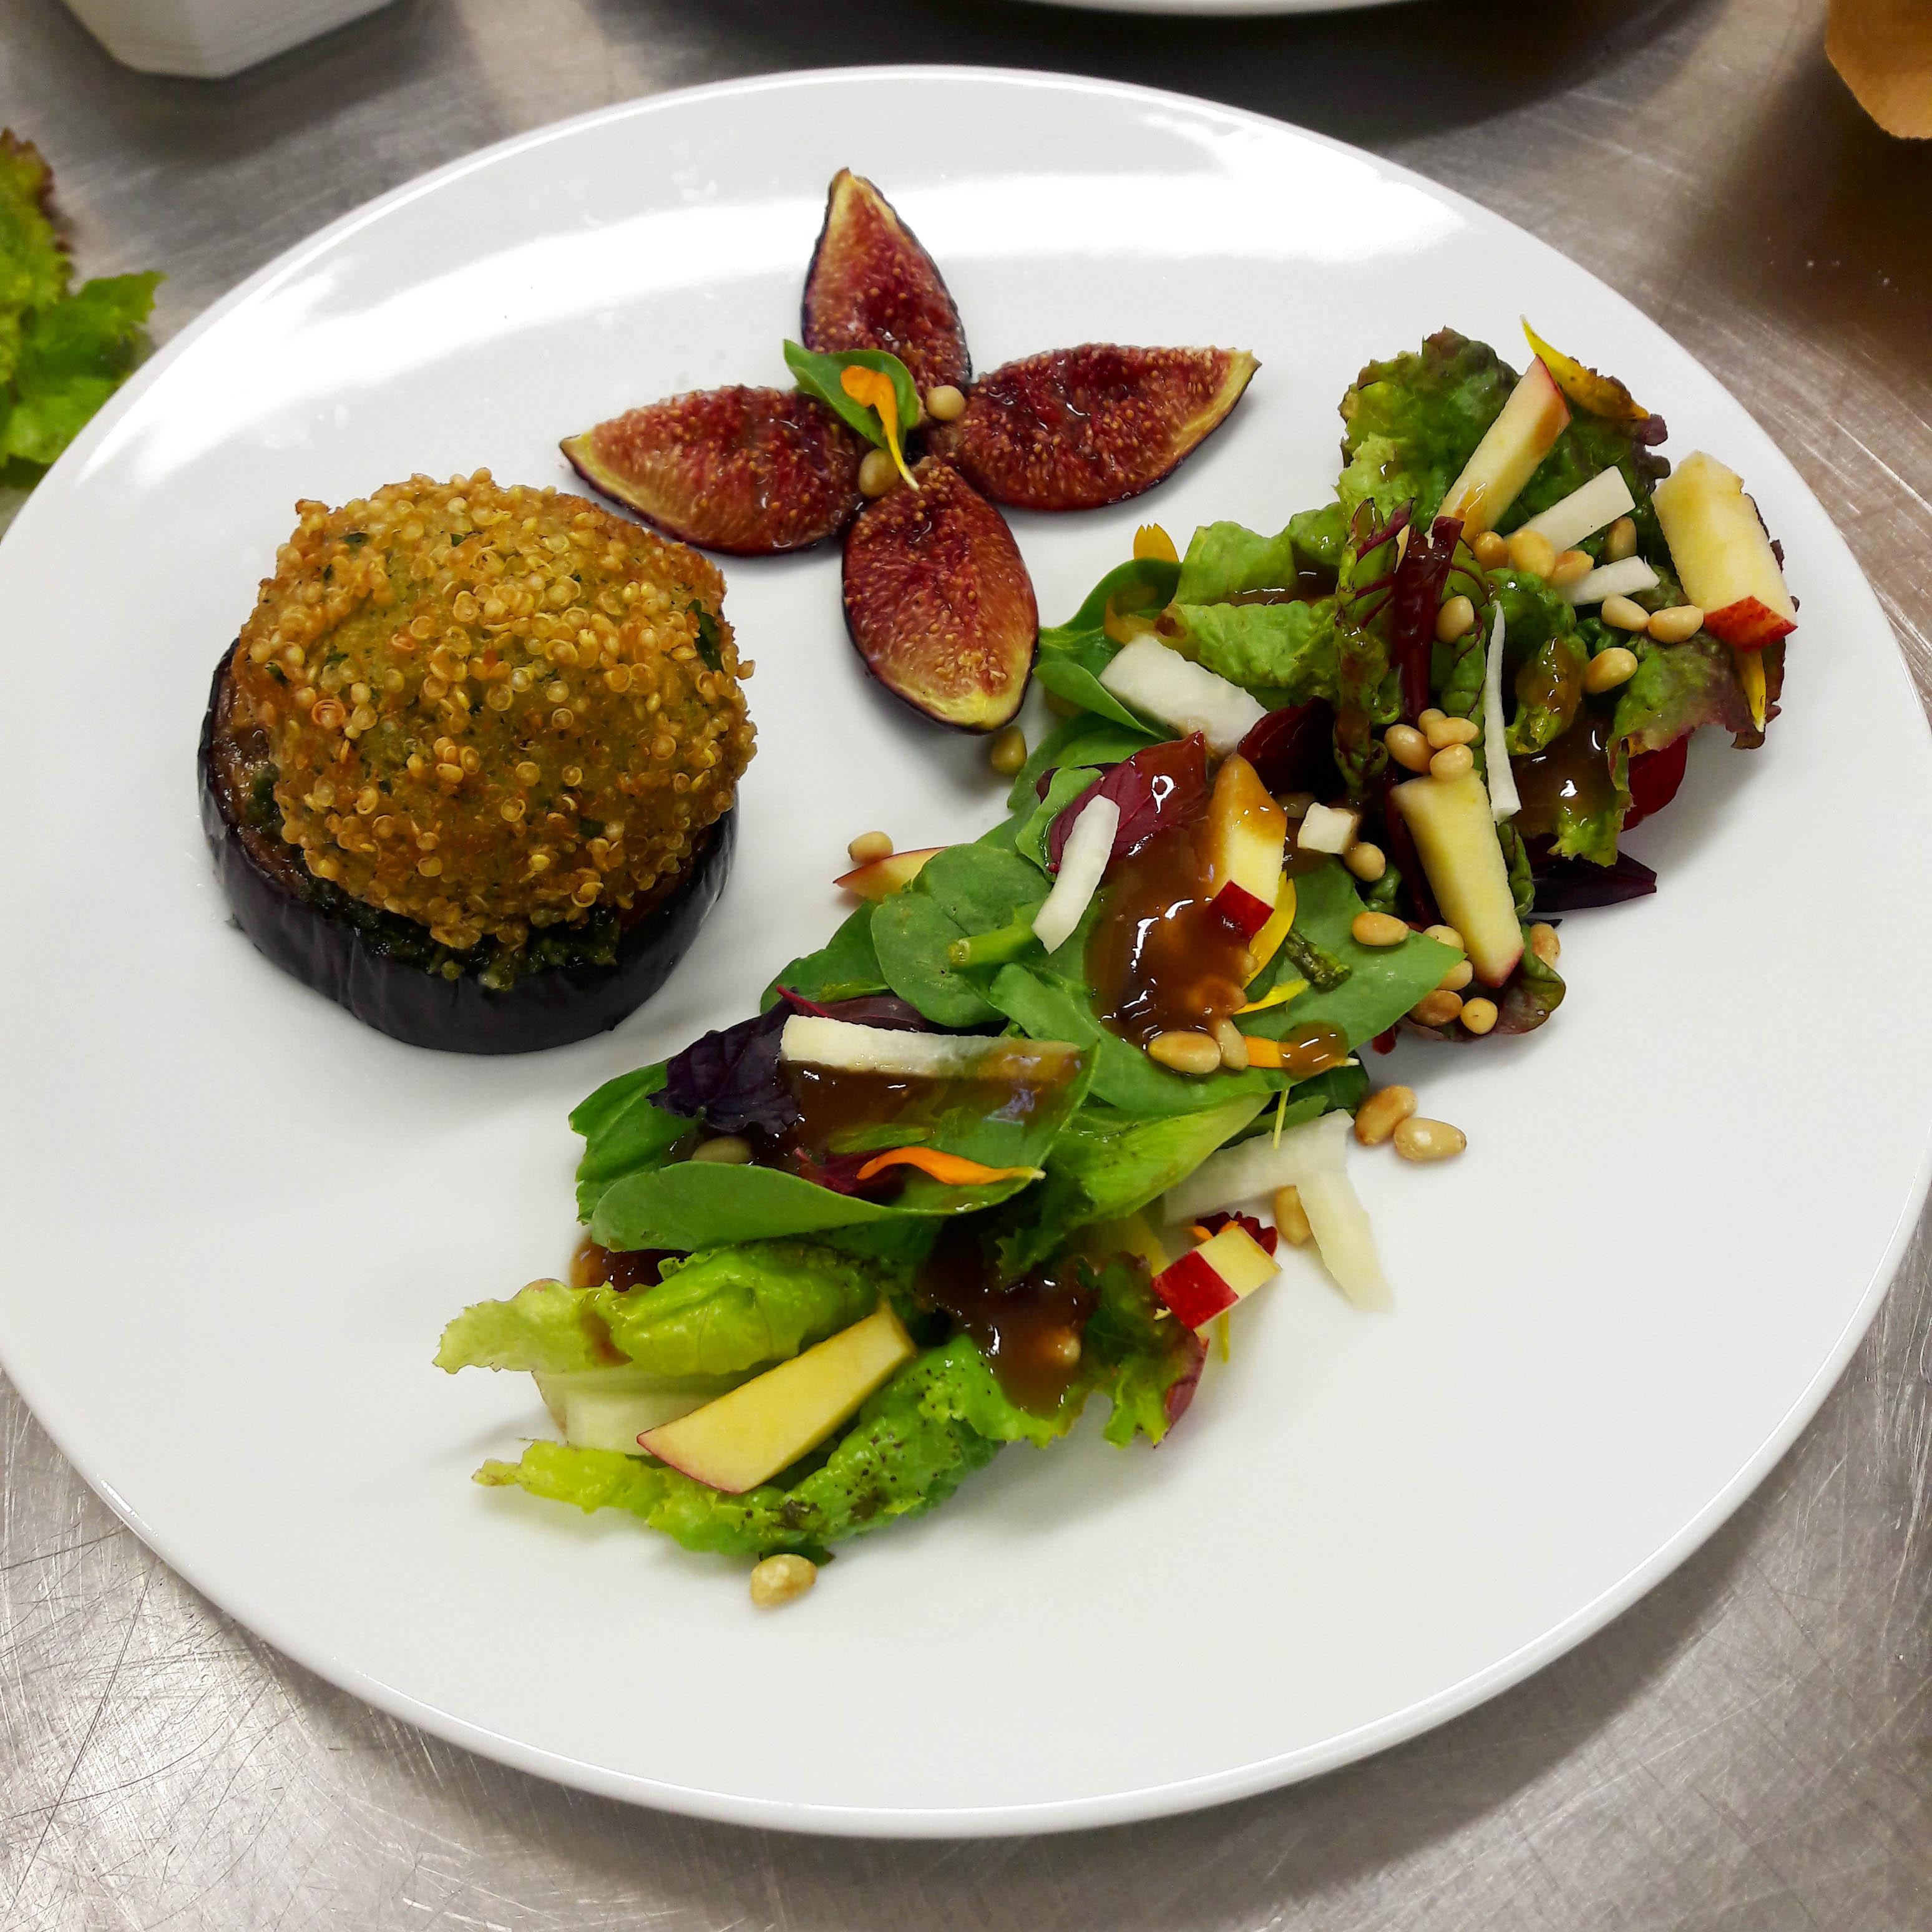 cromesquis de quinoa. recette végétale et sans gluten